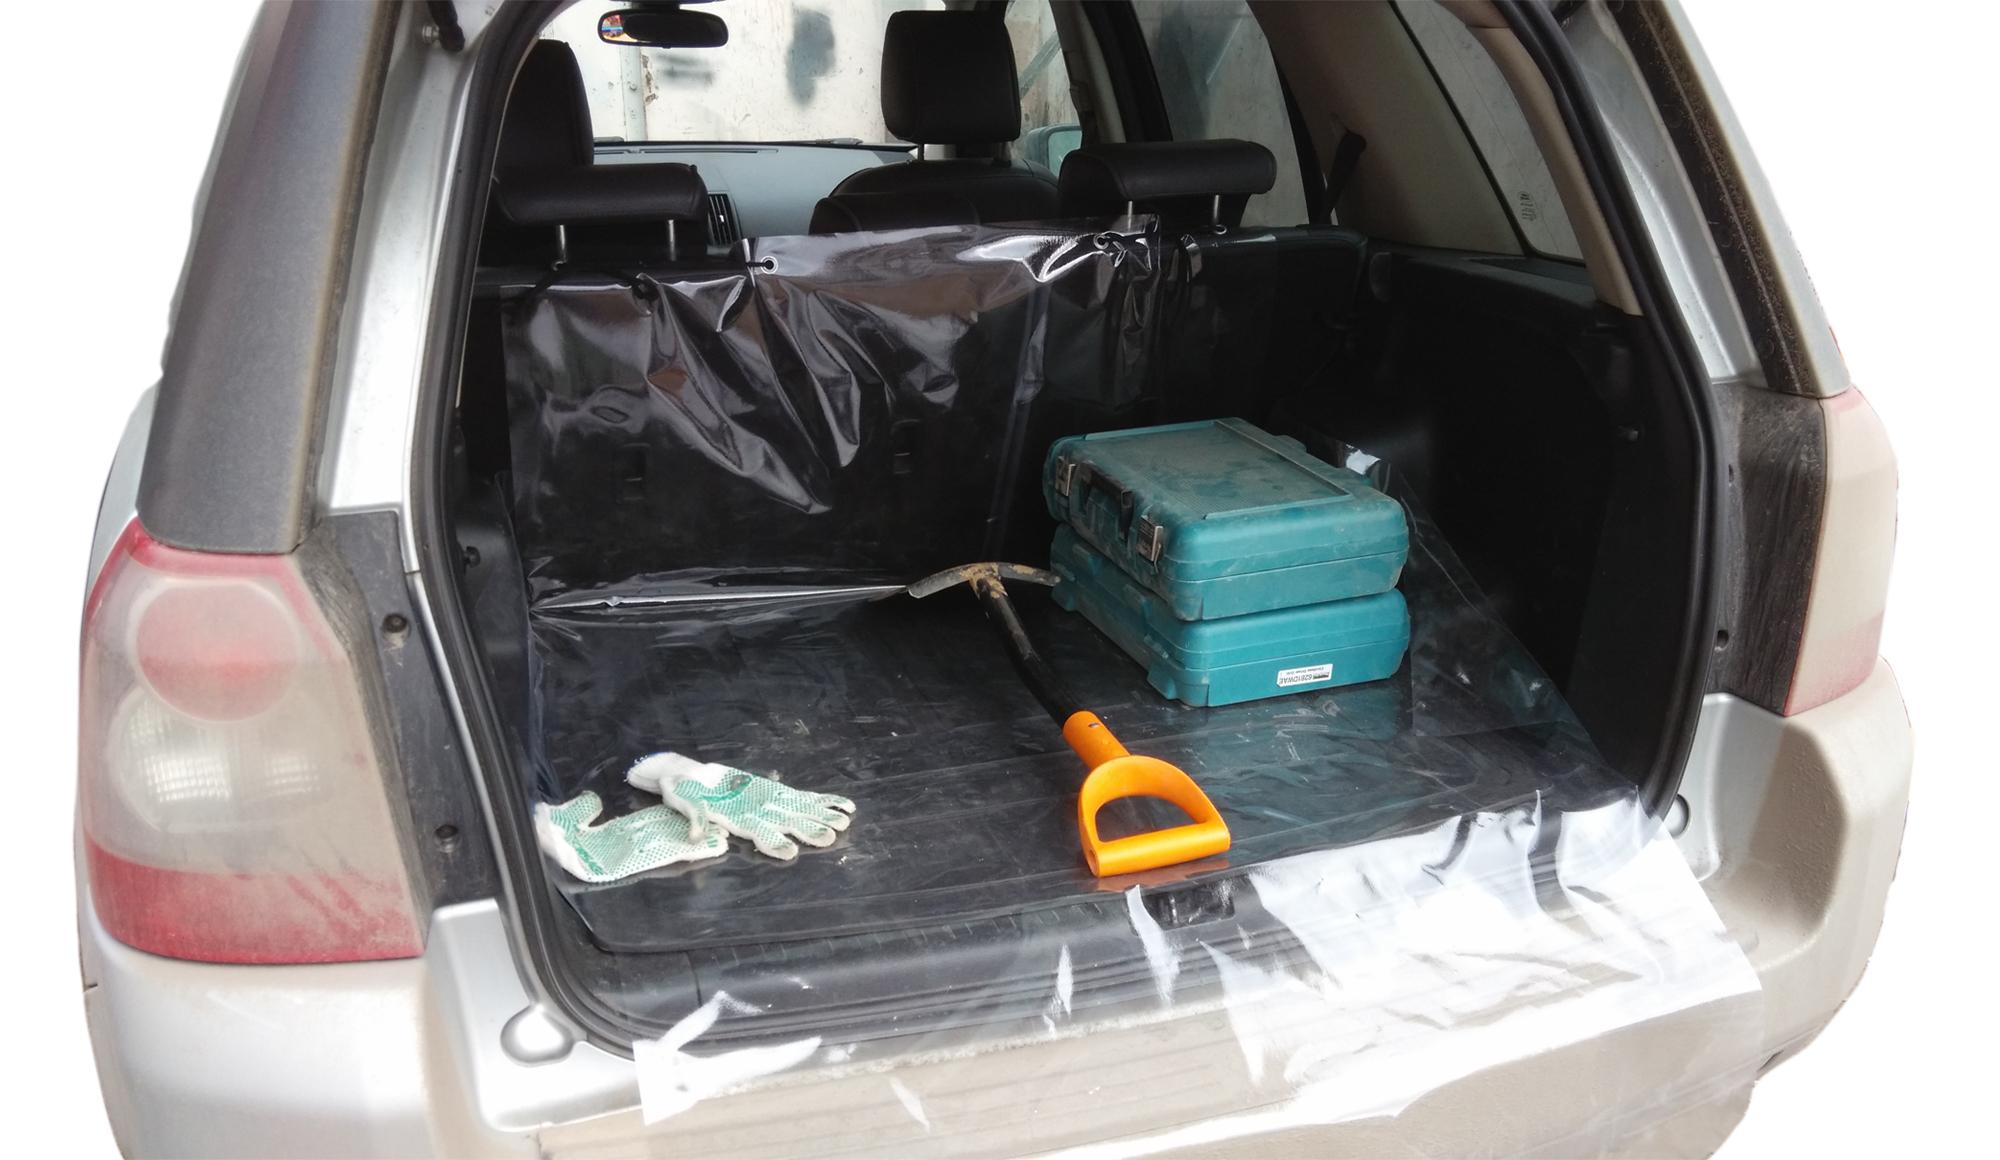 Накидка защитная Оранжевый слоник Свежесть, в багажник, малаяDEF0005TRЗащитная накидка в багажник Свежесть в багажнике маленькая.